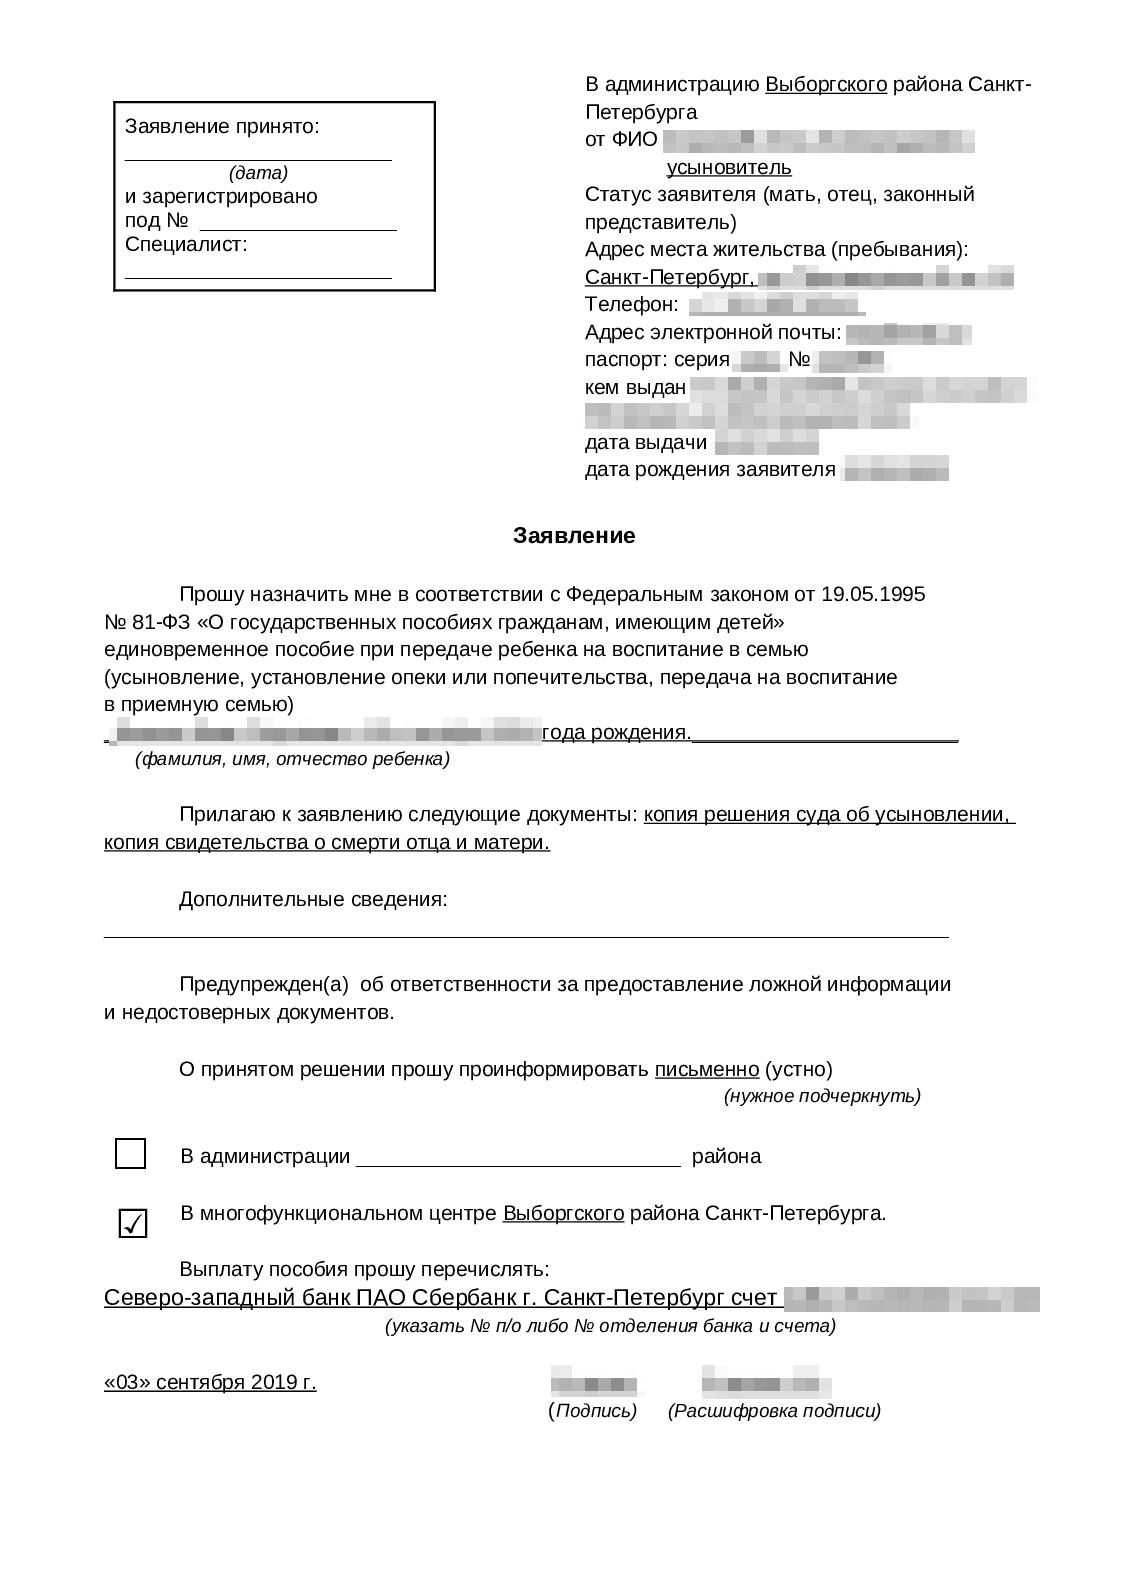 Образец заявления о назначении пособия при{amp}amp;nbsp;передаче ребенка на воспитание в семью